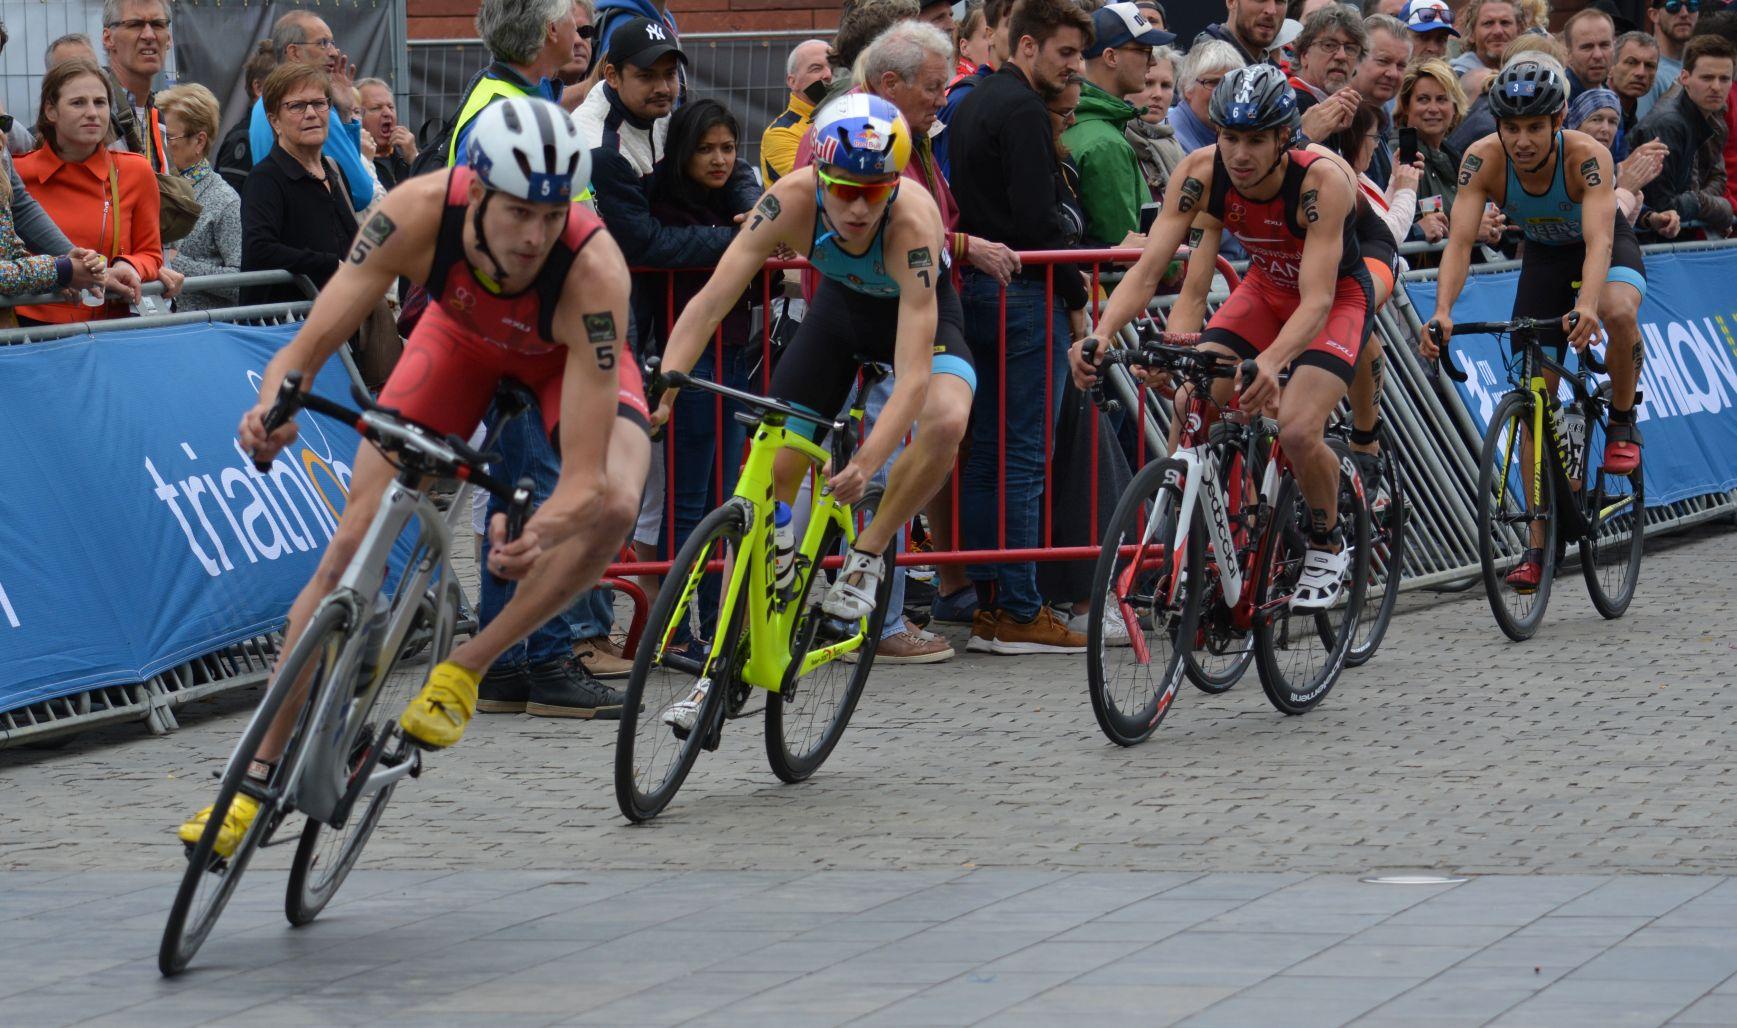 Marten en Jelle in de kopgroep in Antwerpen (foto: 3athlon.be)